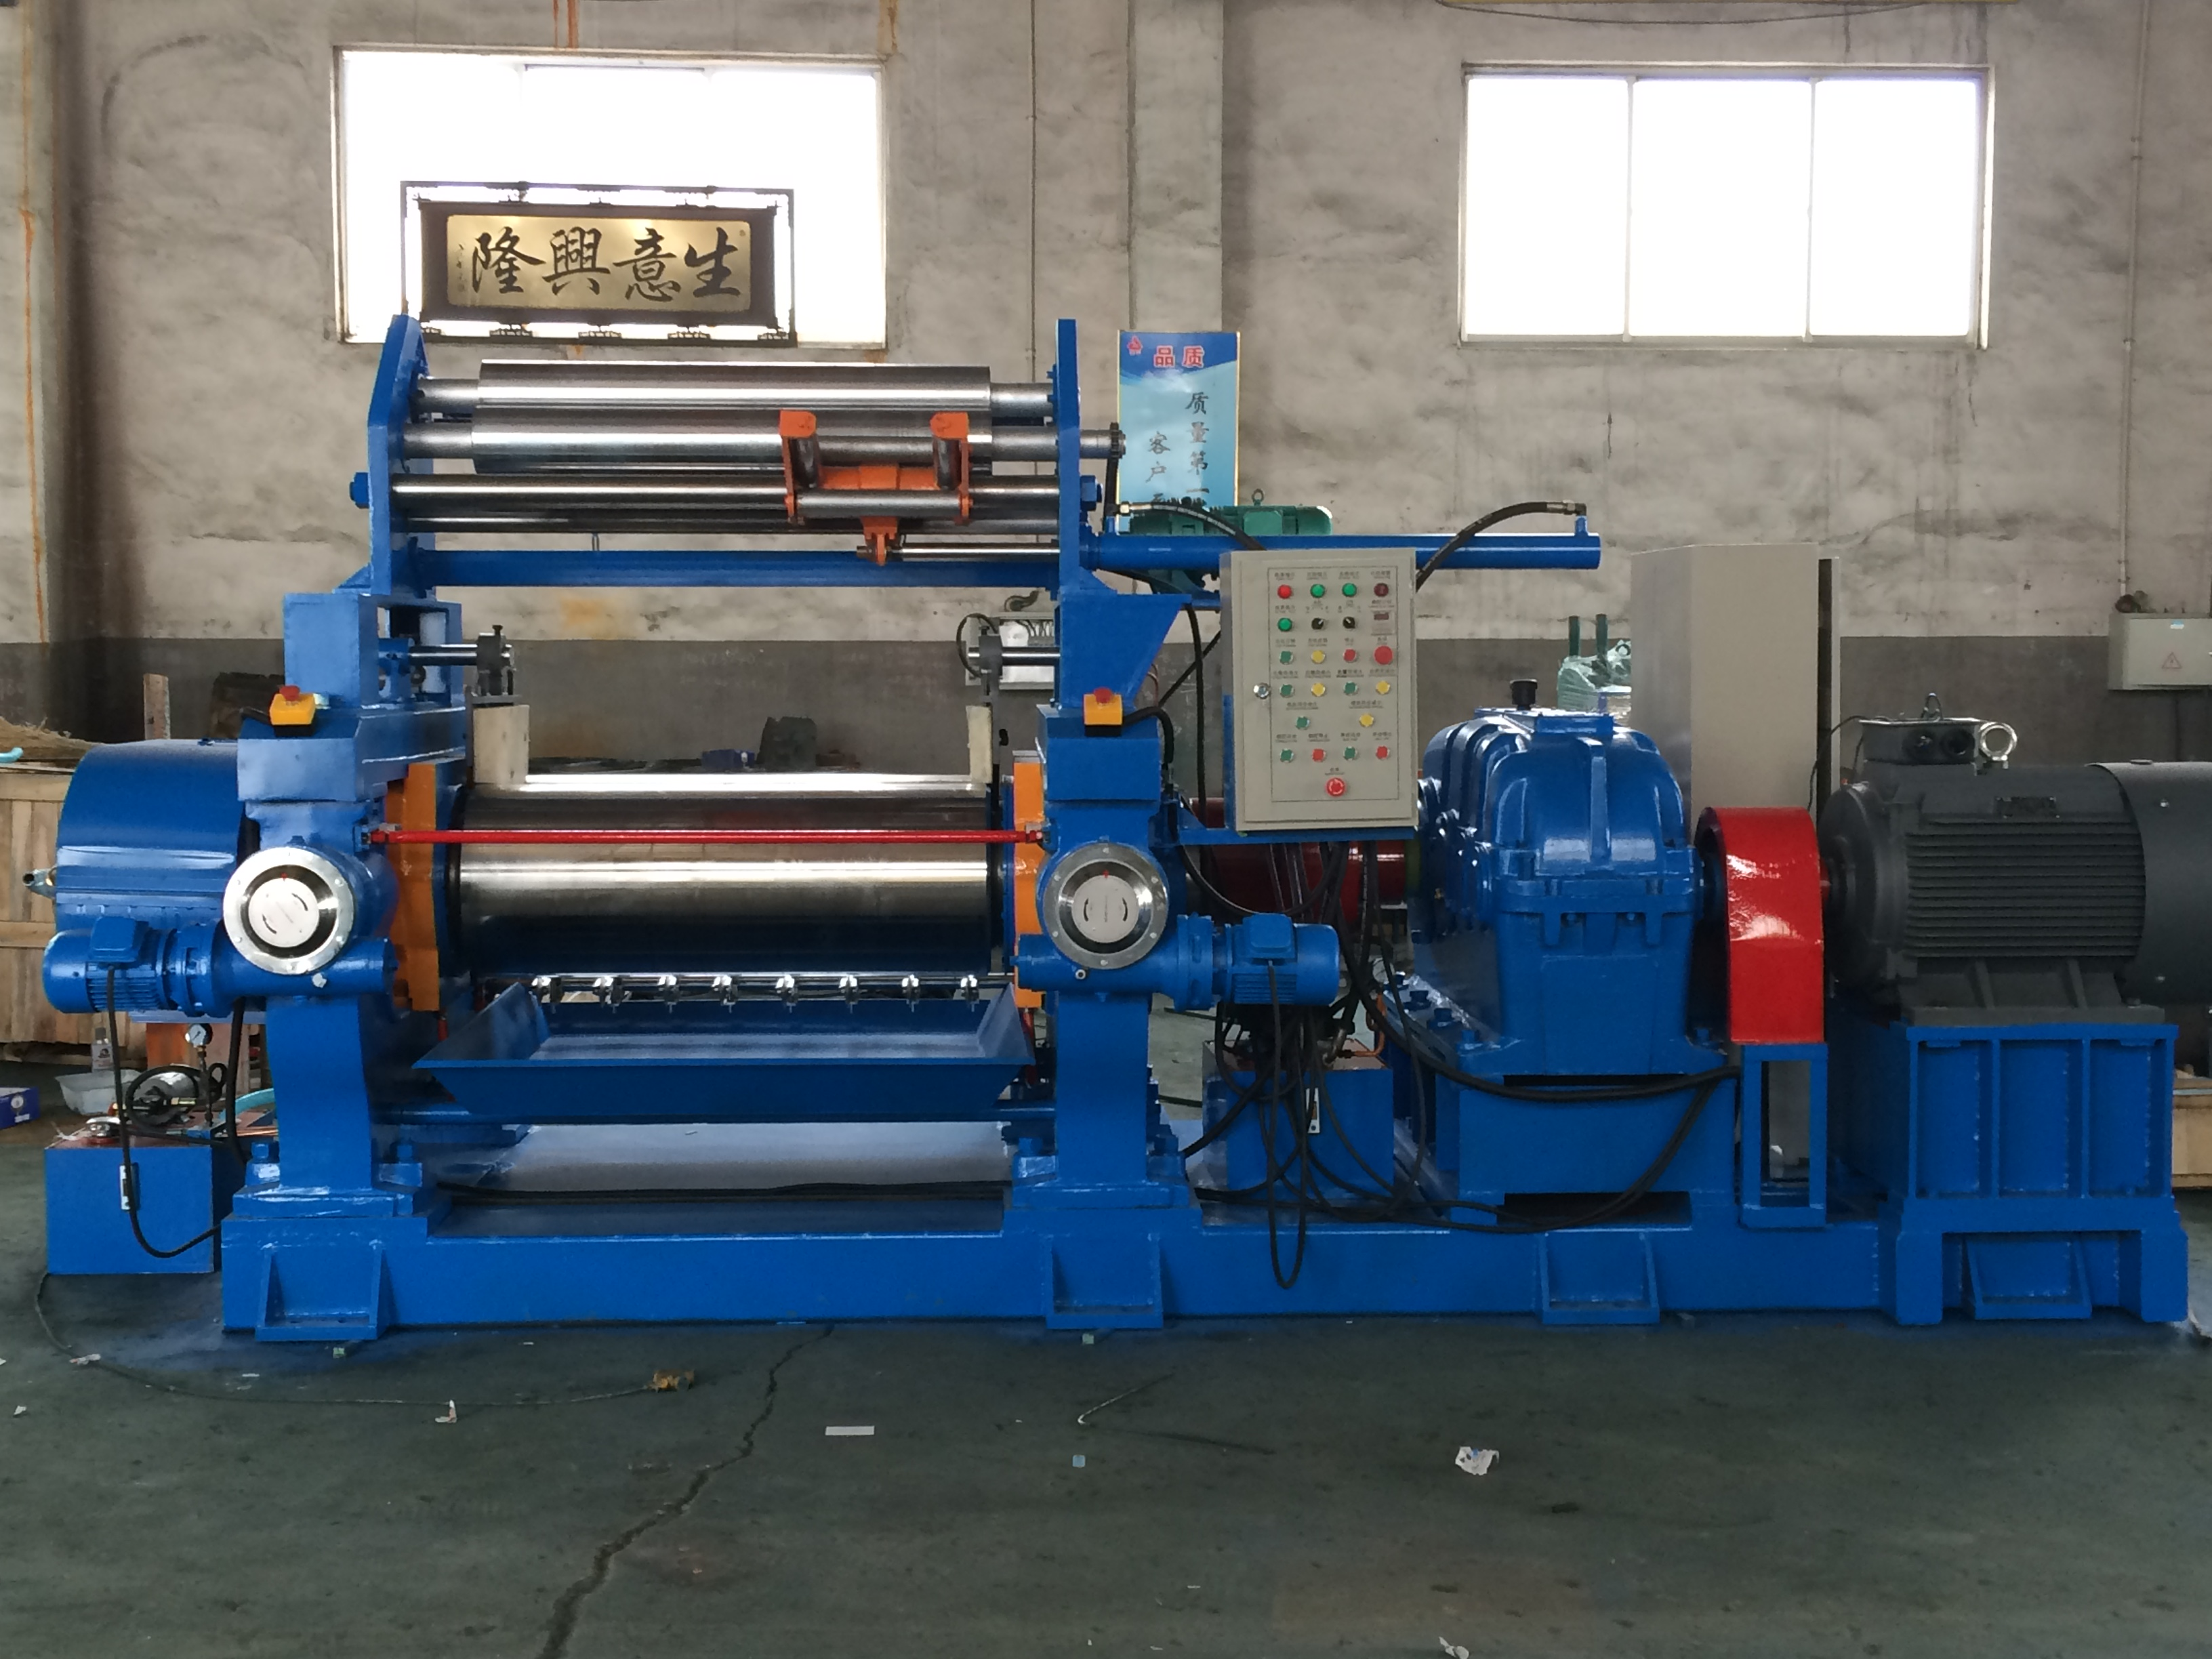 橡胶开炼机翻胶装置-炼胶机翻胶装置